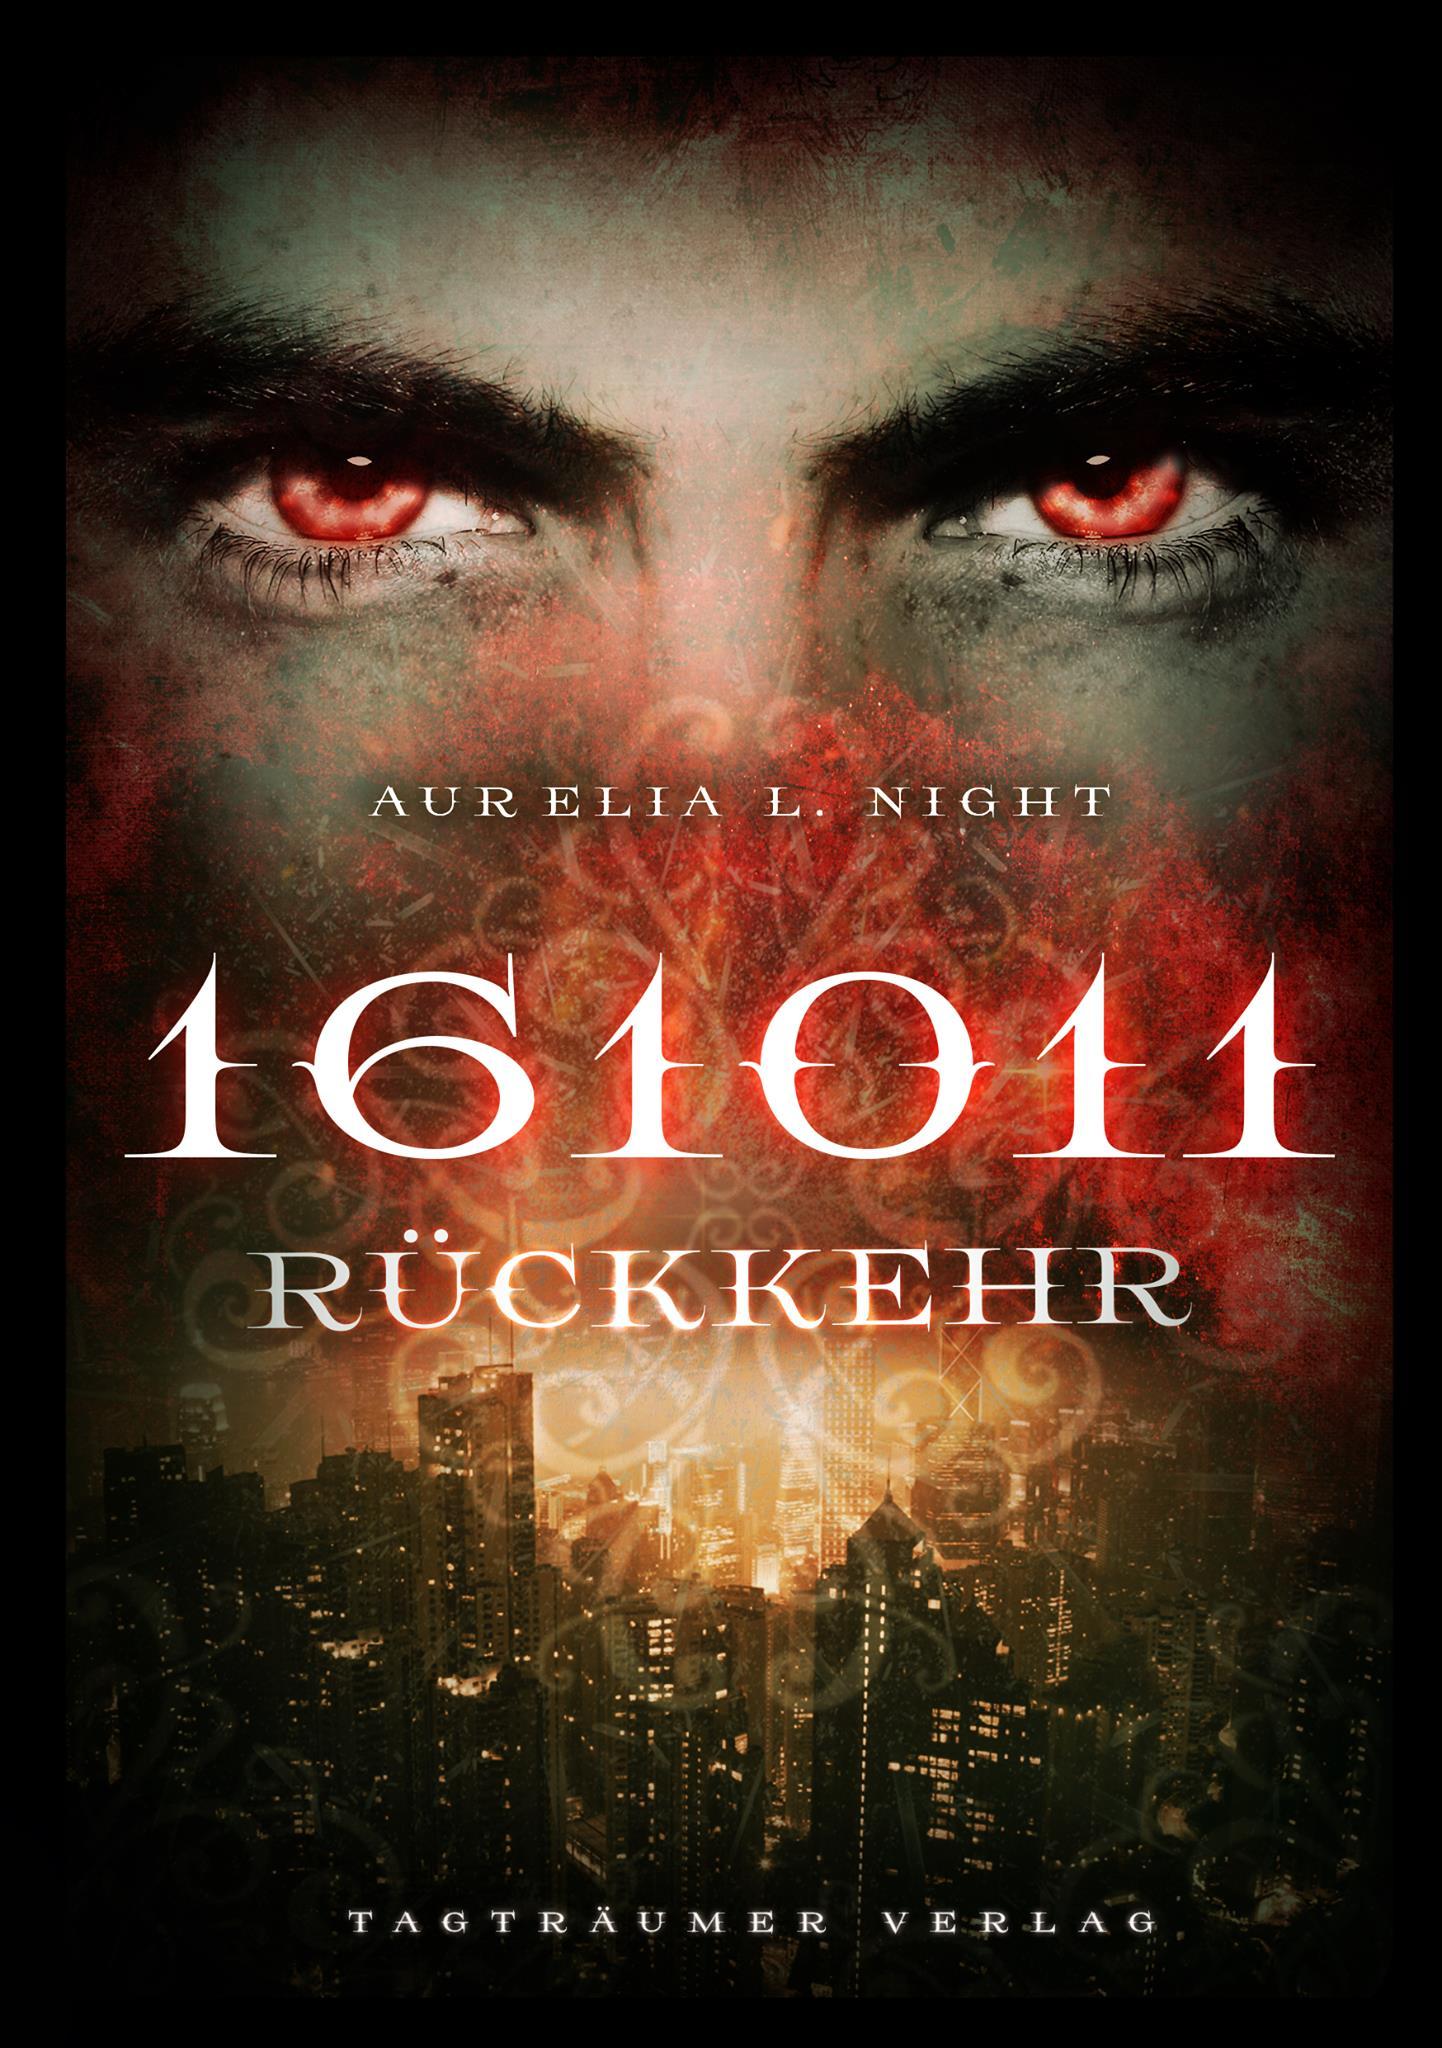 161011-Rueckkehr_Aurelia-Night.jpg